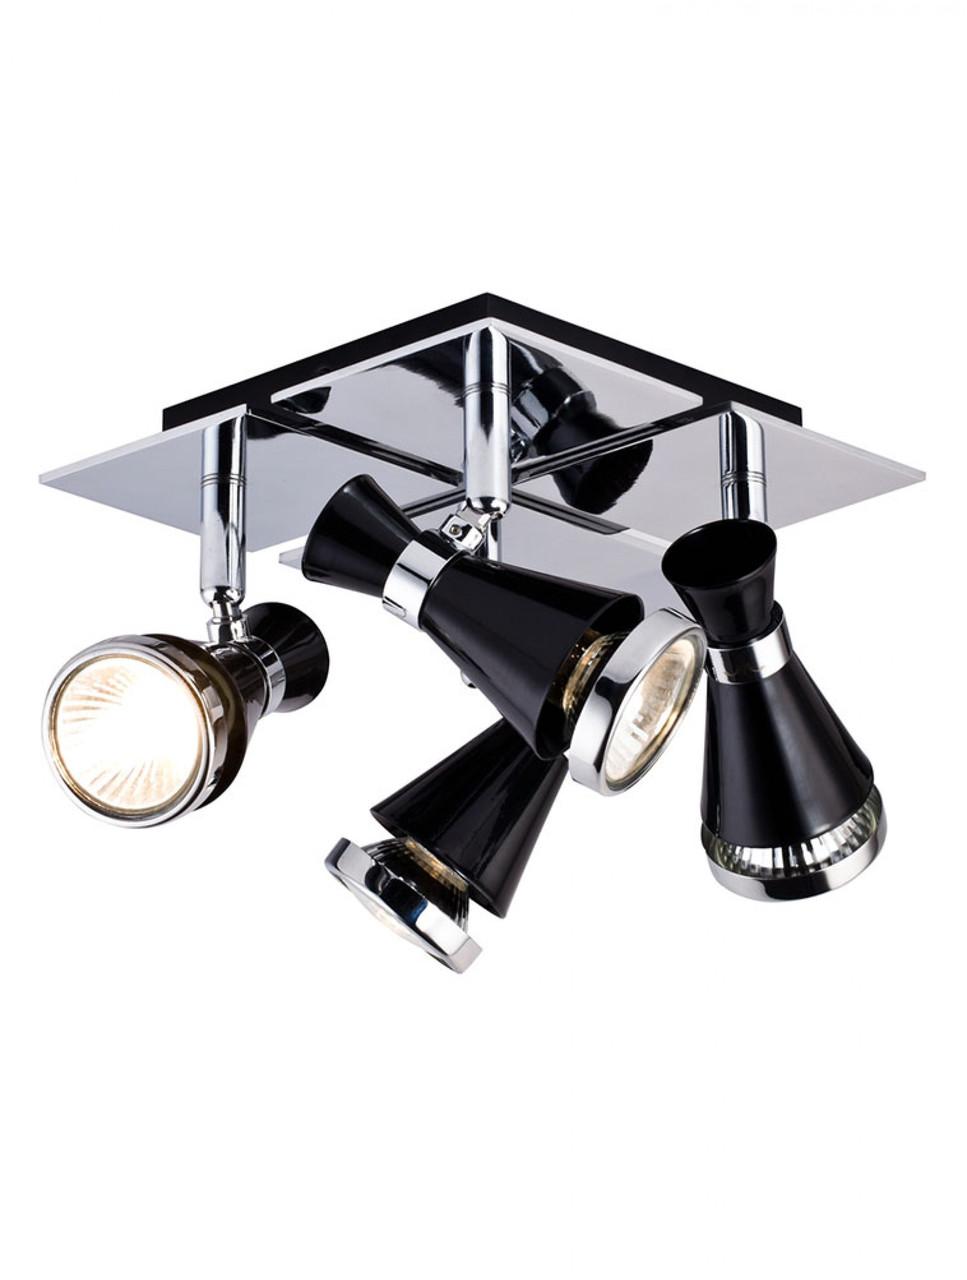 Спот, потолочный светильник 4-х ламповый 12027